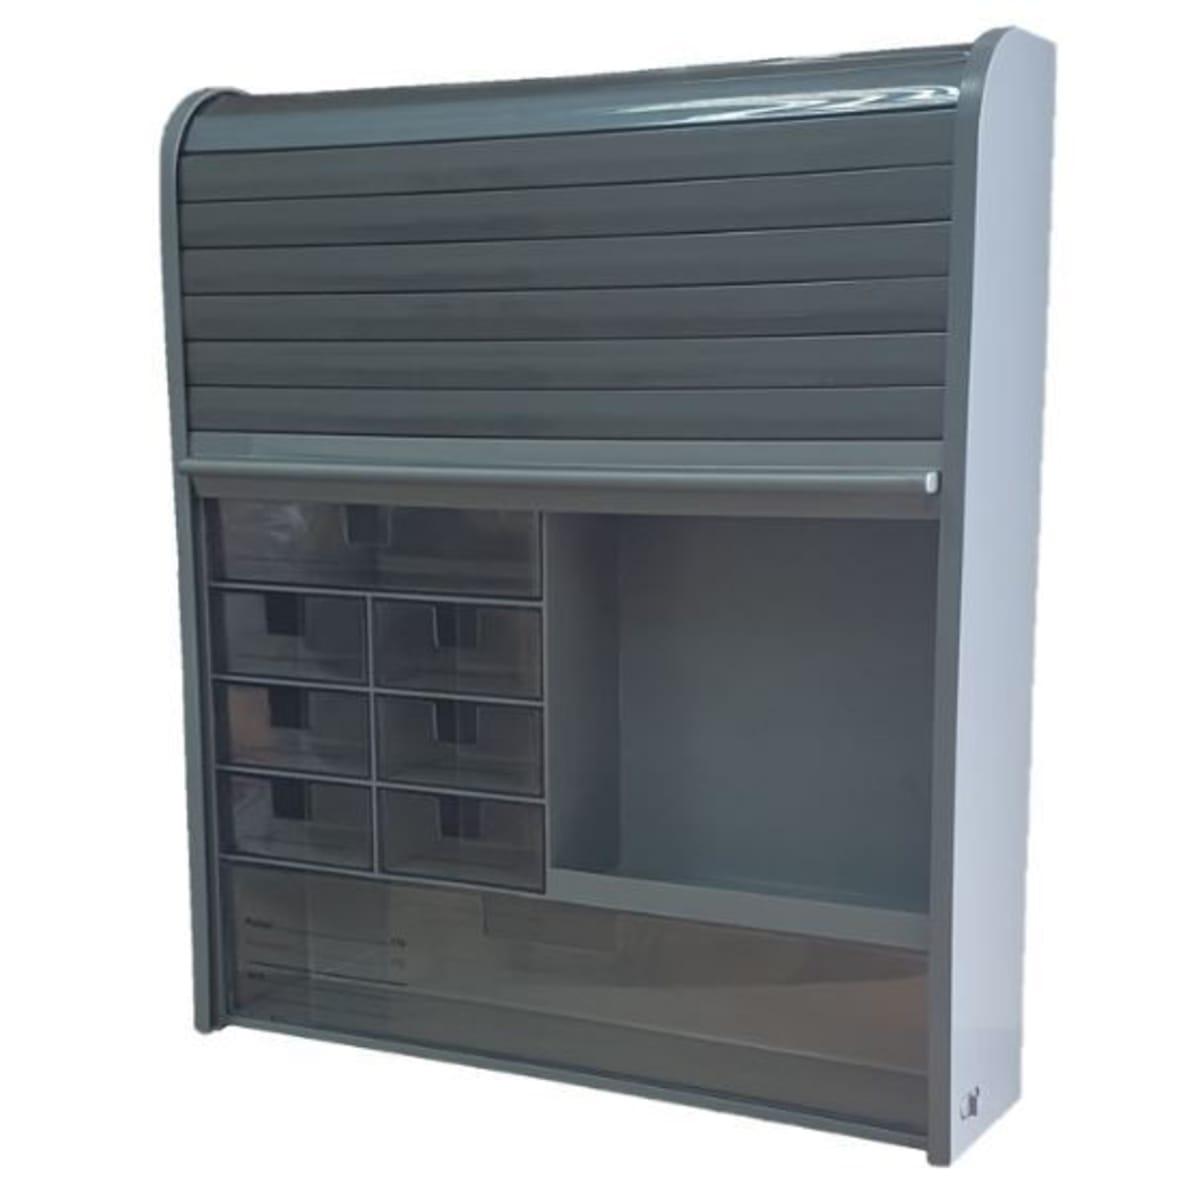 Шкаф-аптечка подвесной 42x48 см цвет графит